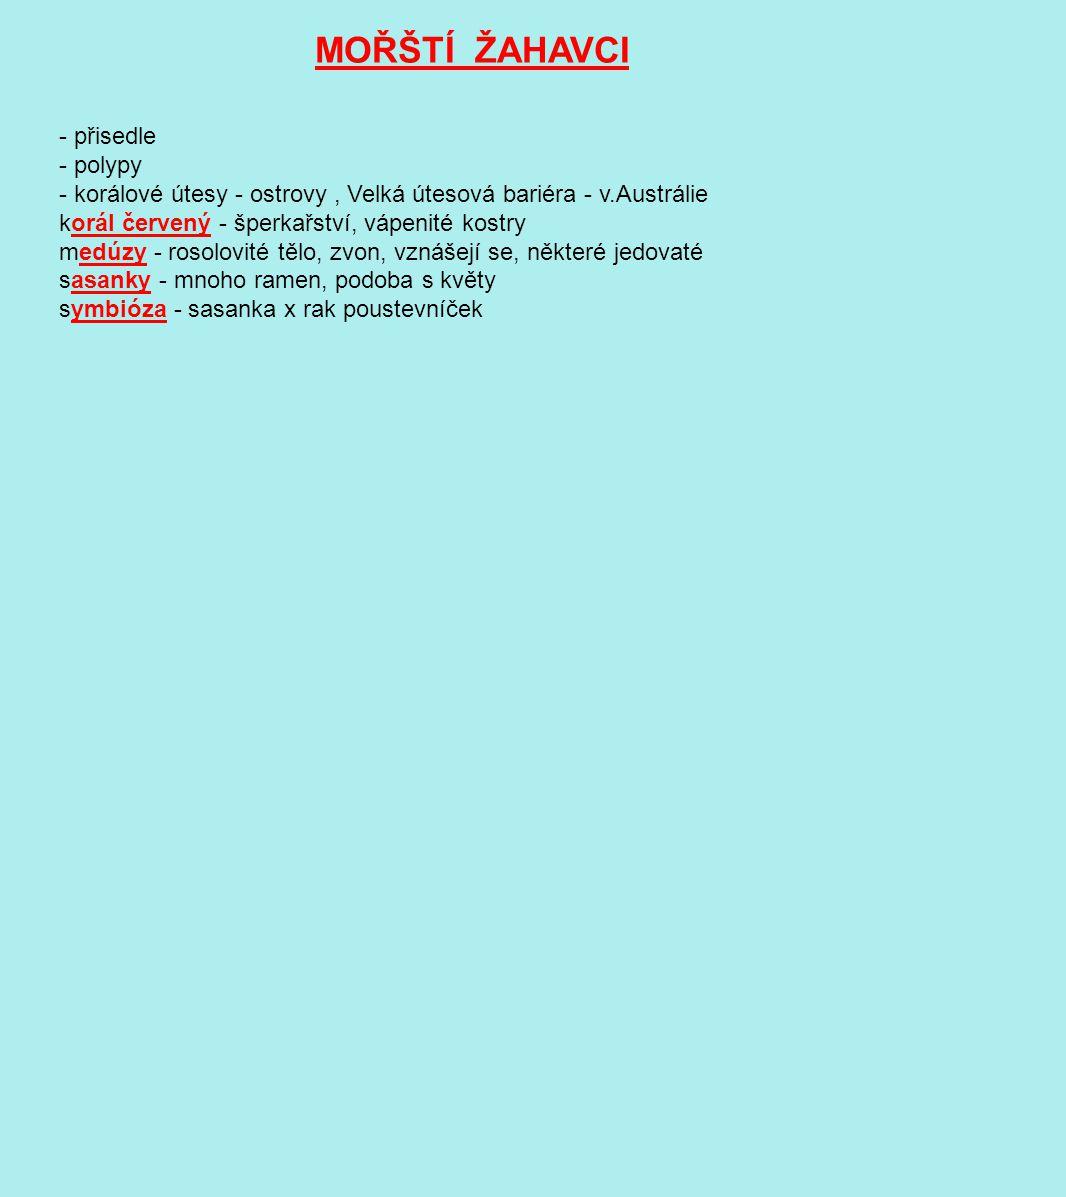 MOŘŠTÍ ŽAHAVCI - přisedle - polypy - korálové útesy - ostrovy, Velká útesová bariéra - v.Austrálie korál červený - šperkařství, vápenité kostry medúzy